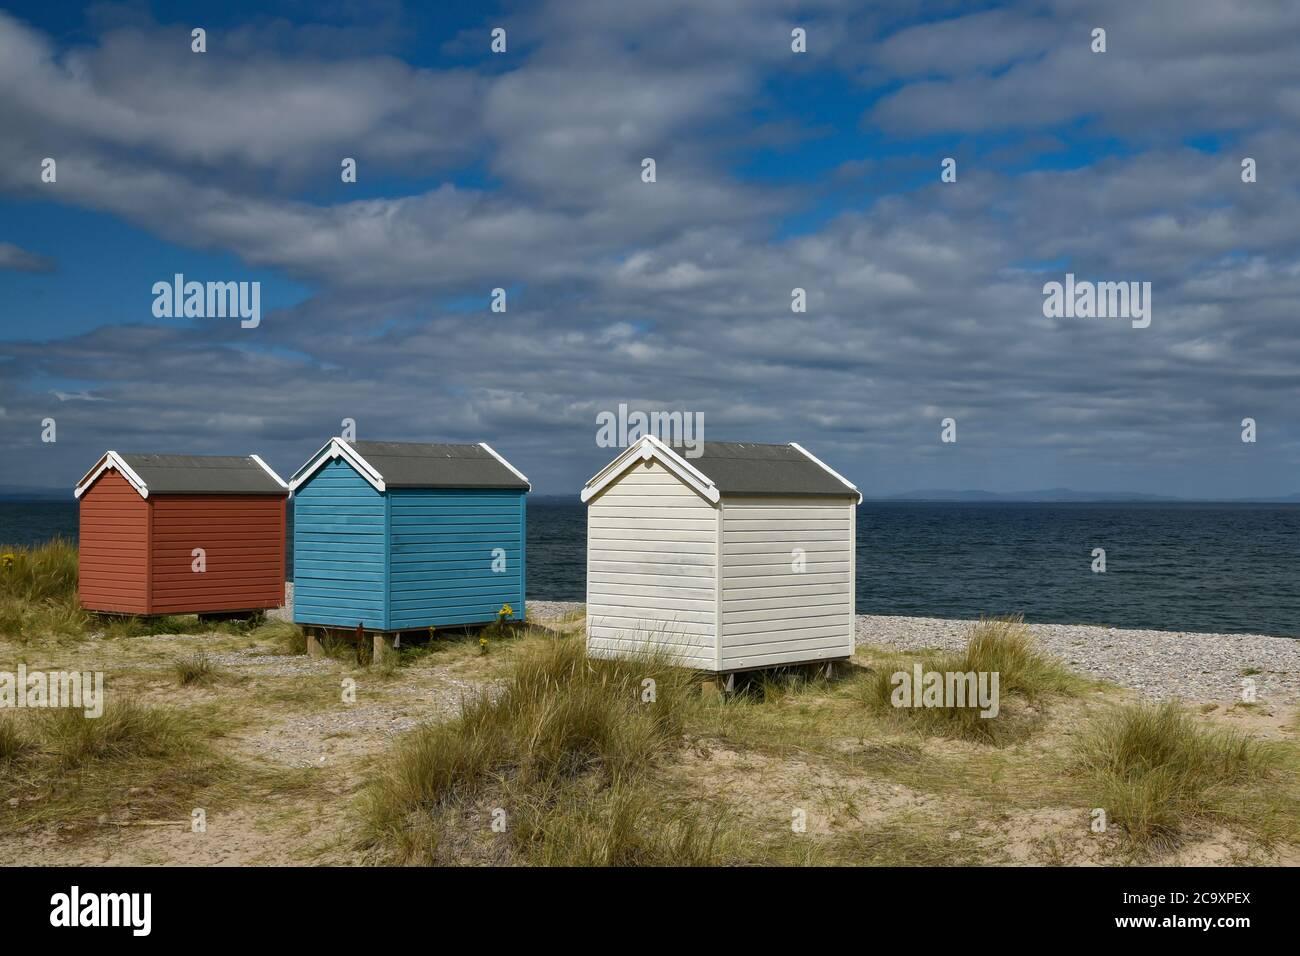 Coloridas cabañas de playa de color azul y blanco en Findhorn Beach, Moray Coast, Escocia Foto de stock